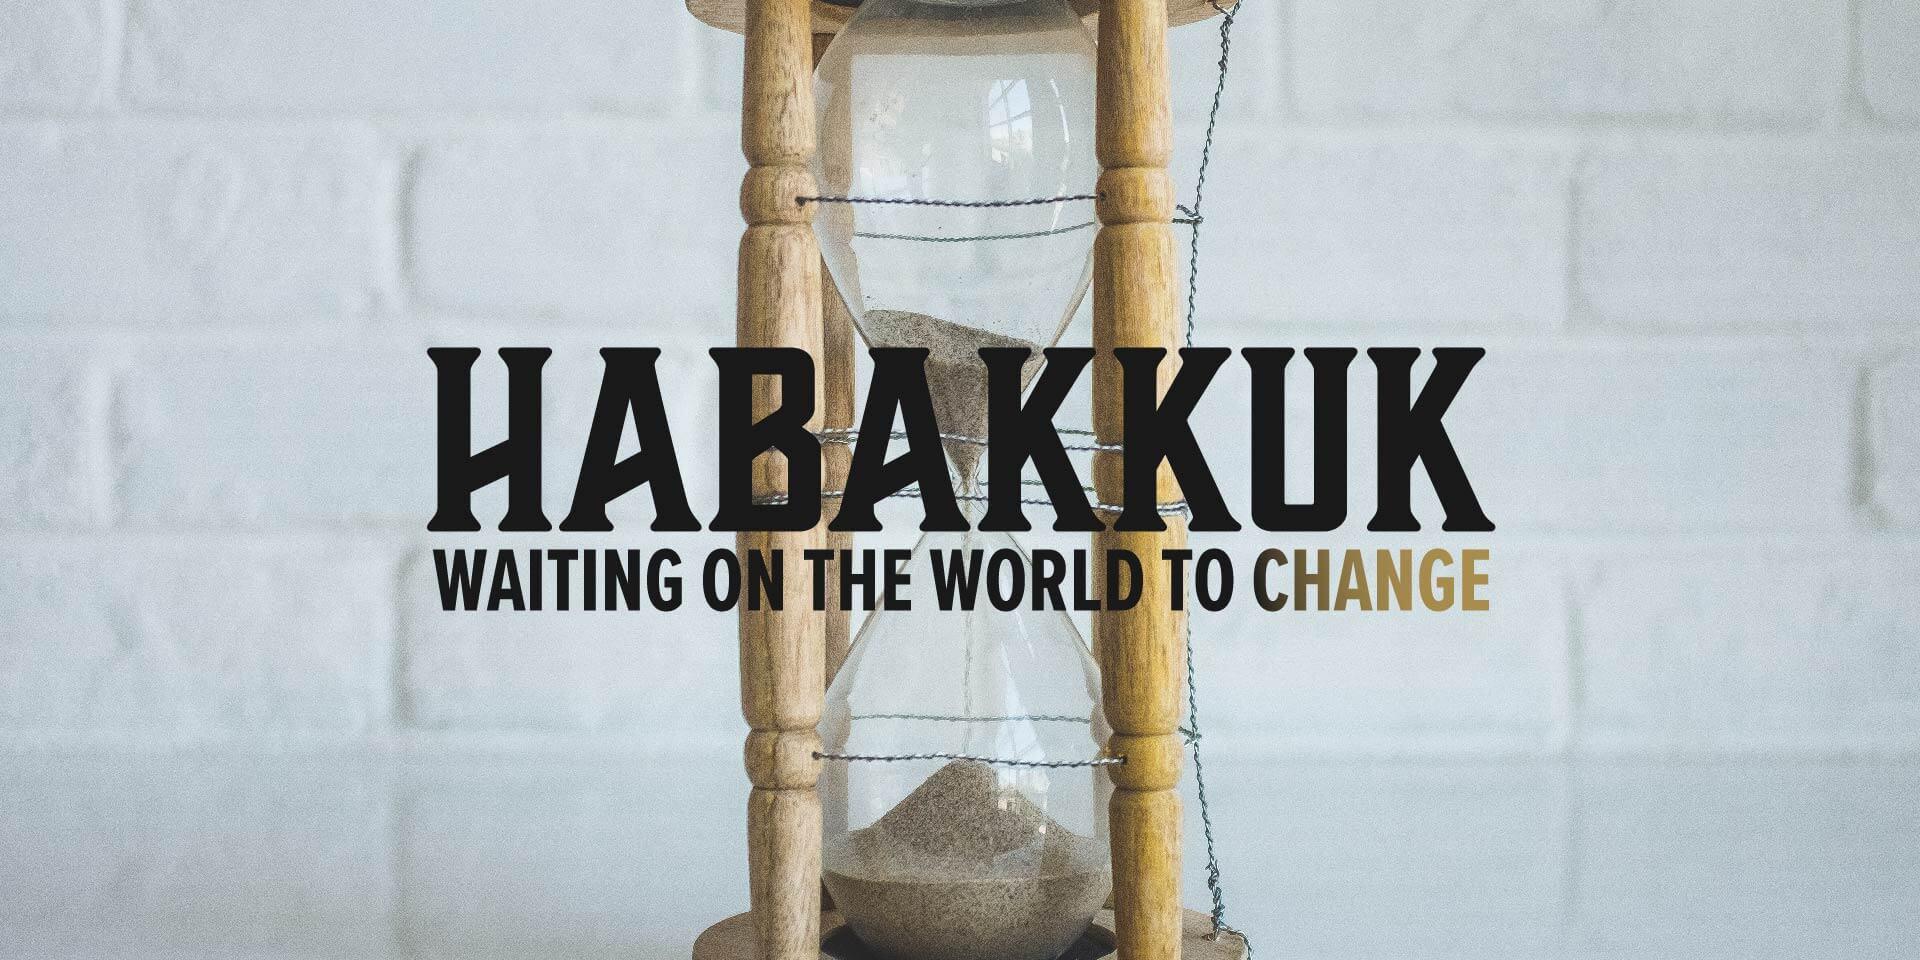 Habakkuk: Waiting on the World to Change